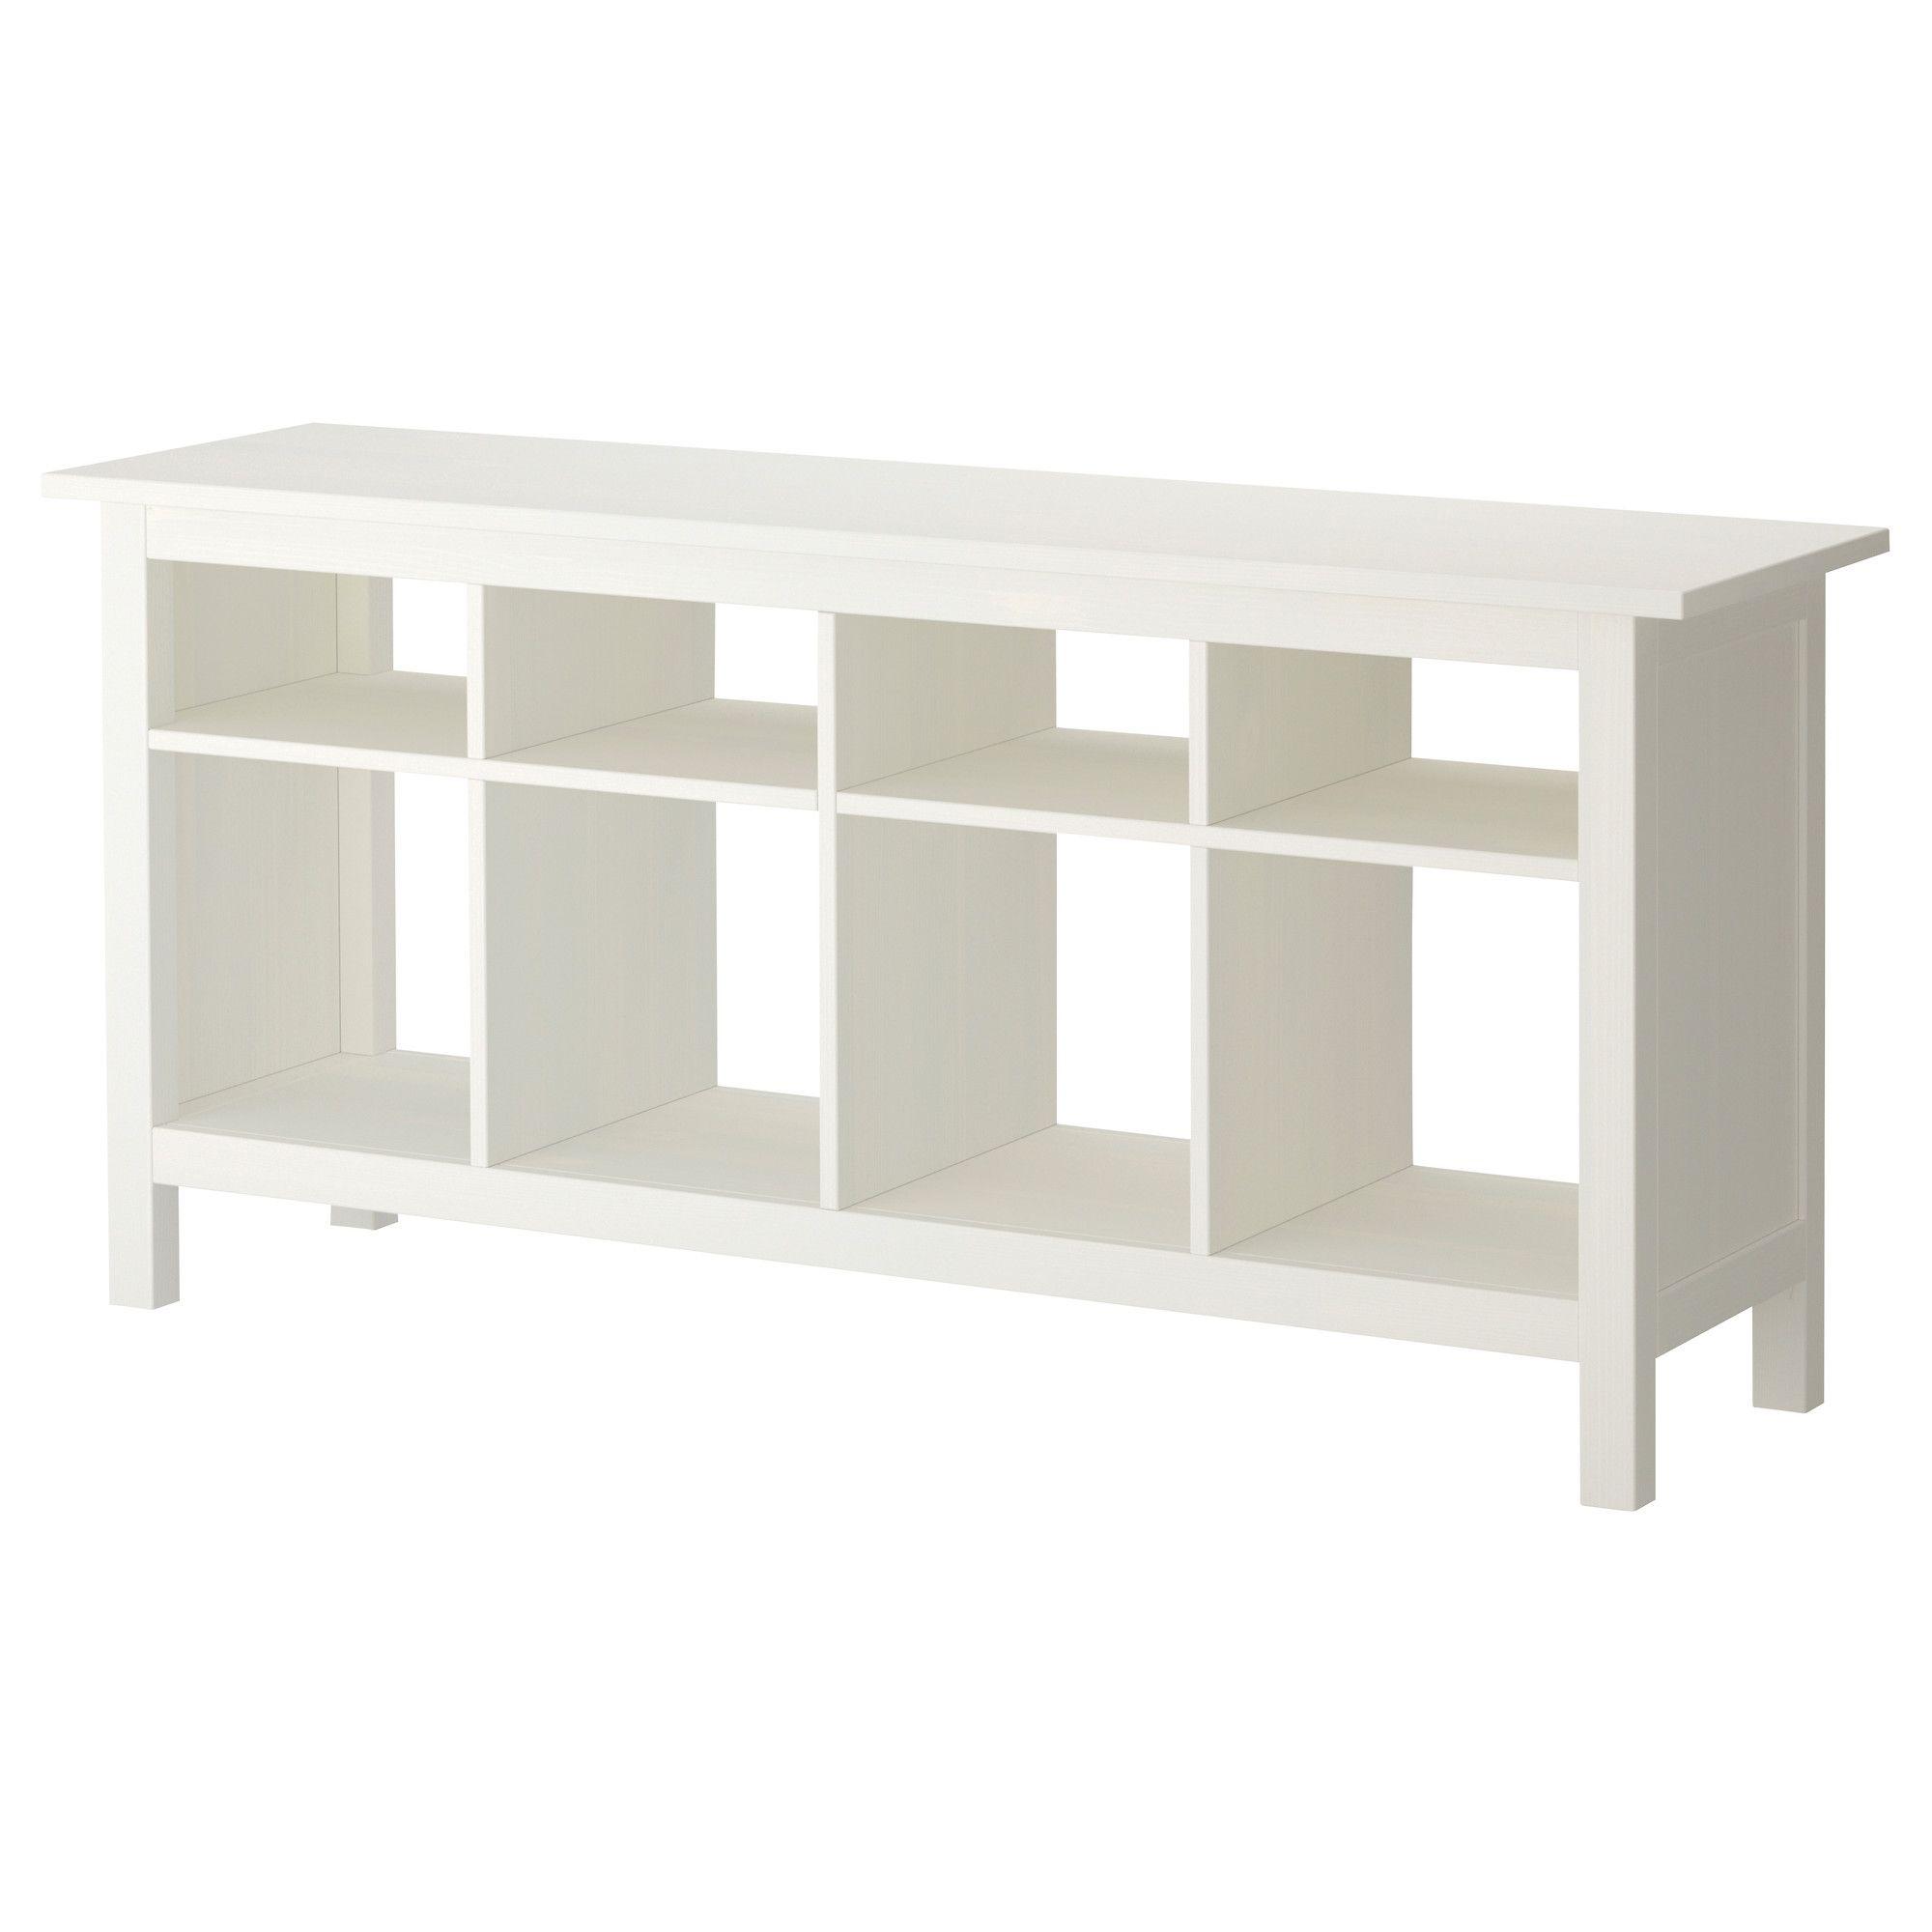 HEMNES Consola - blanco - IKEA | Decoración | Pinterest | HEMNES ...